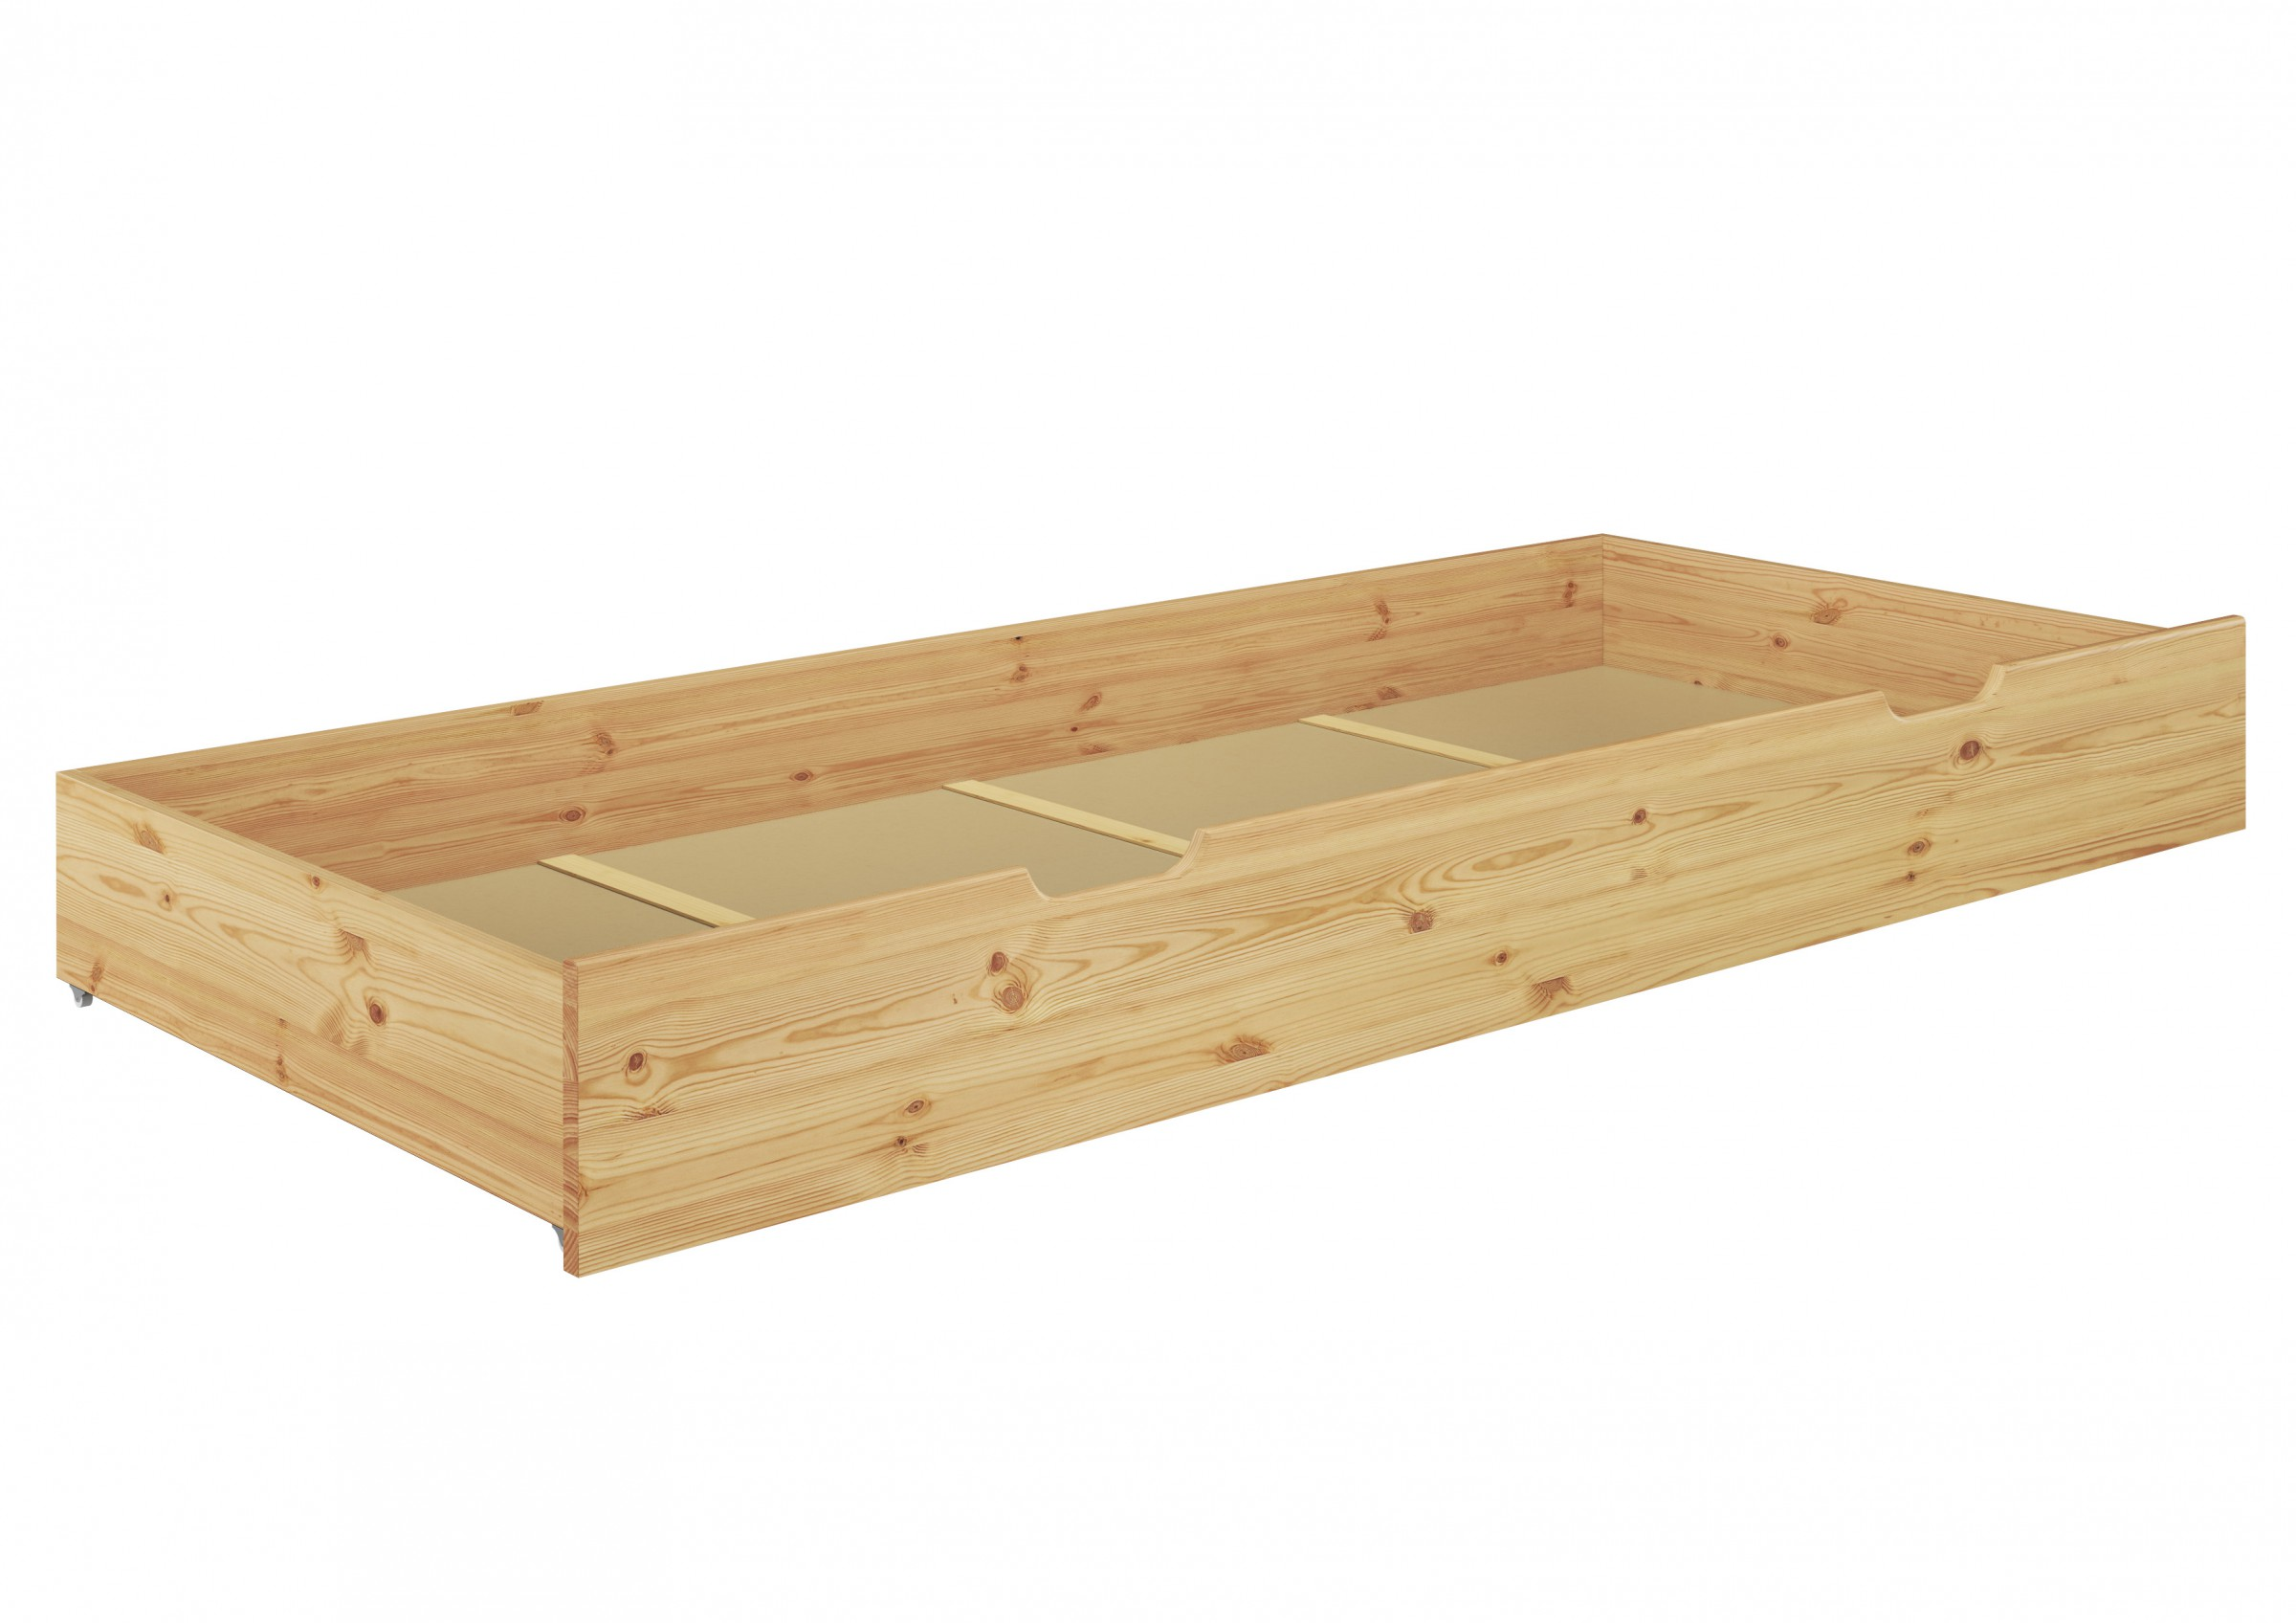 seniorenbett hoch bettkasten 100x200 kiefer holzbett. Black Bedroom Furniture Sets. Home Design Ideas